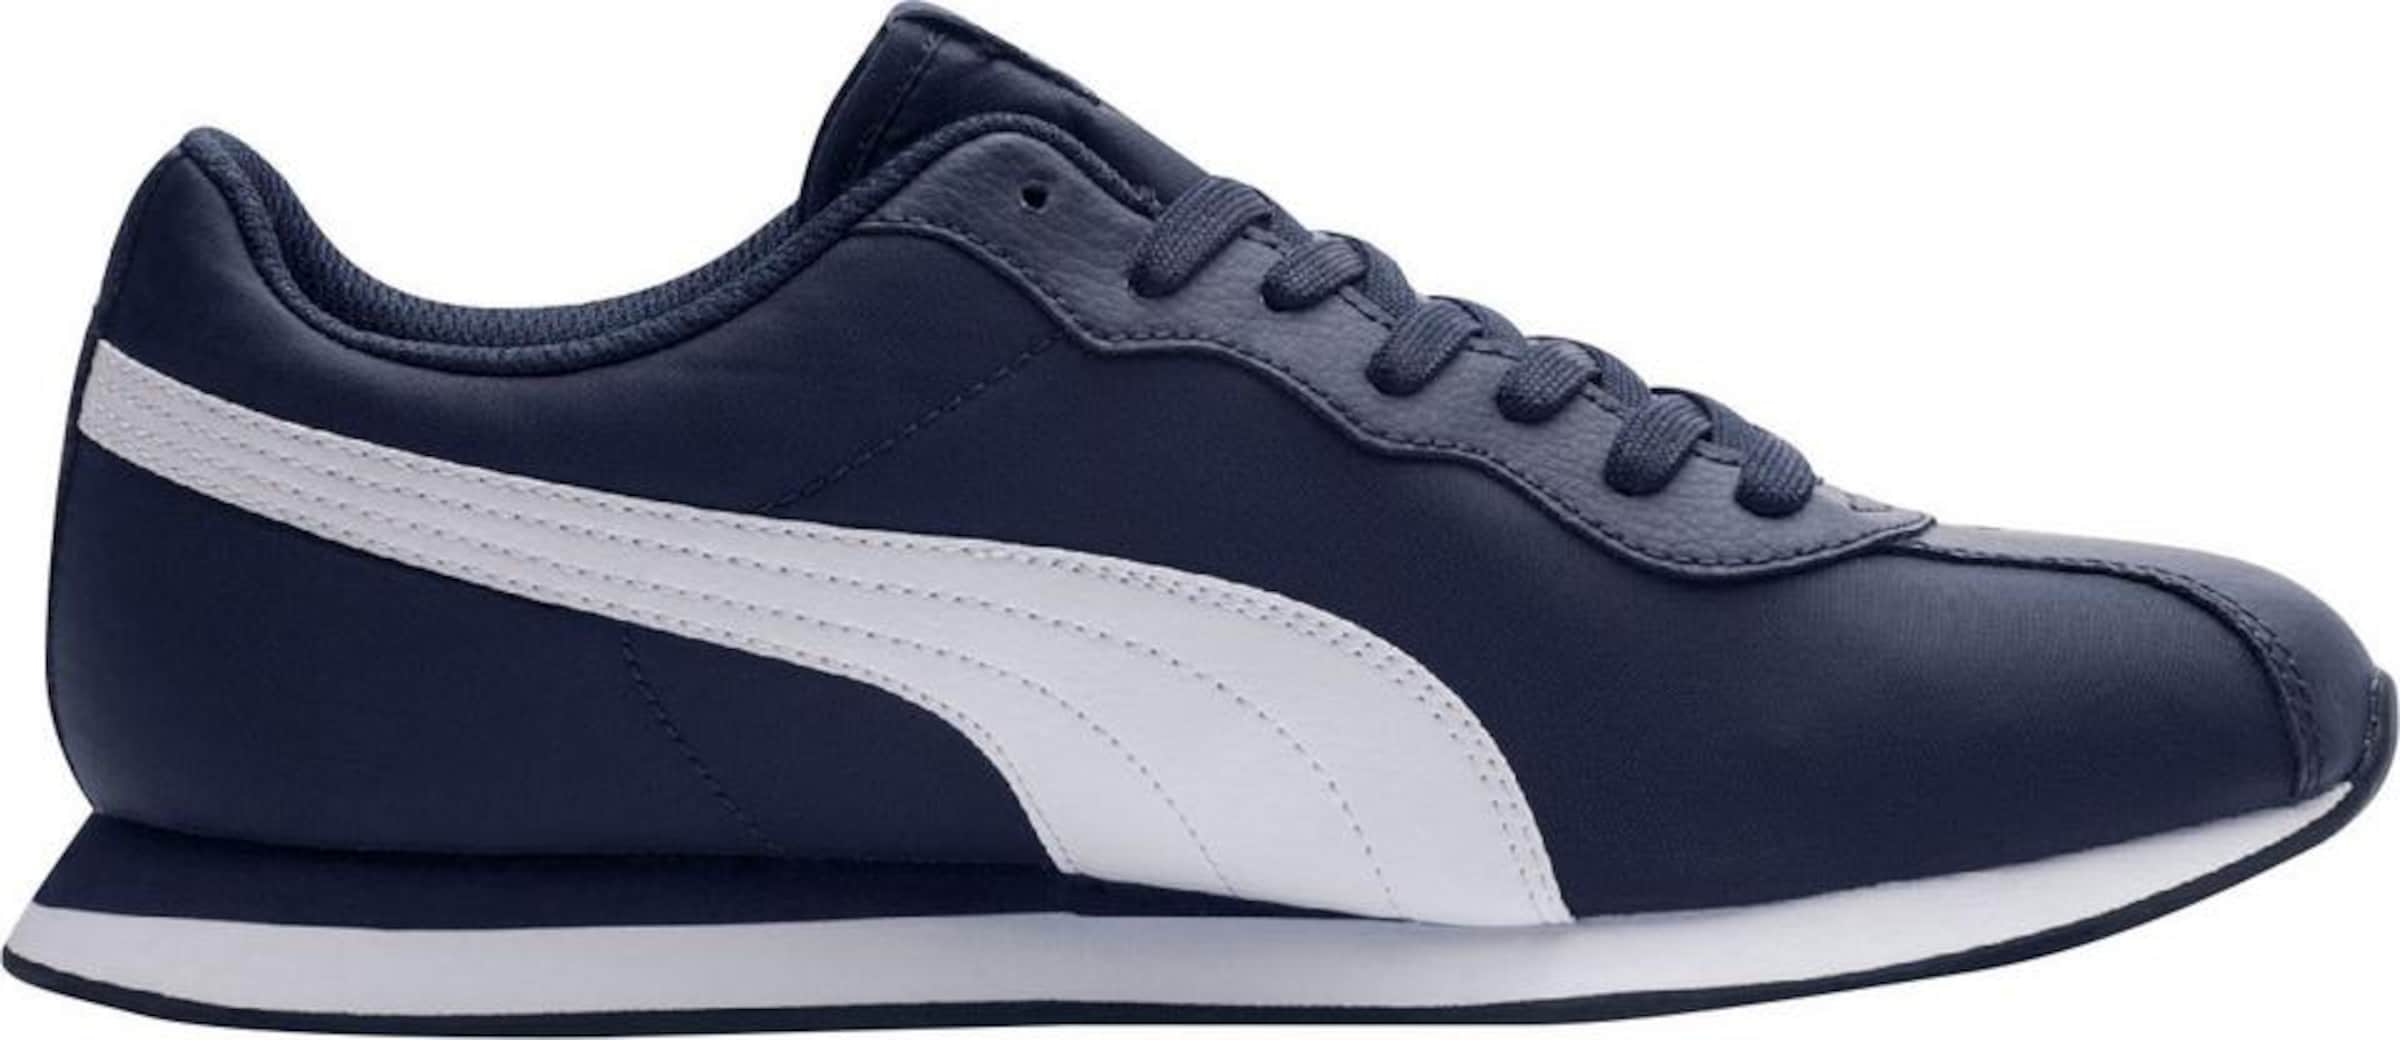 C4jlrq35a In Sneaker Marineweiß Ii Puma 'turin Nl' wNPn0OX8k